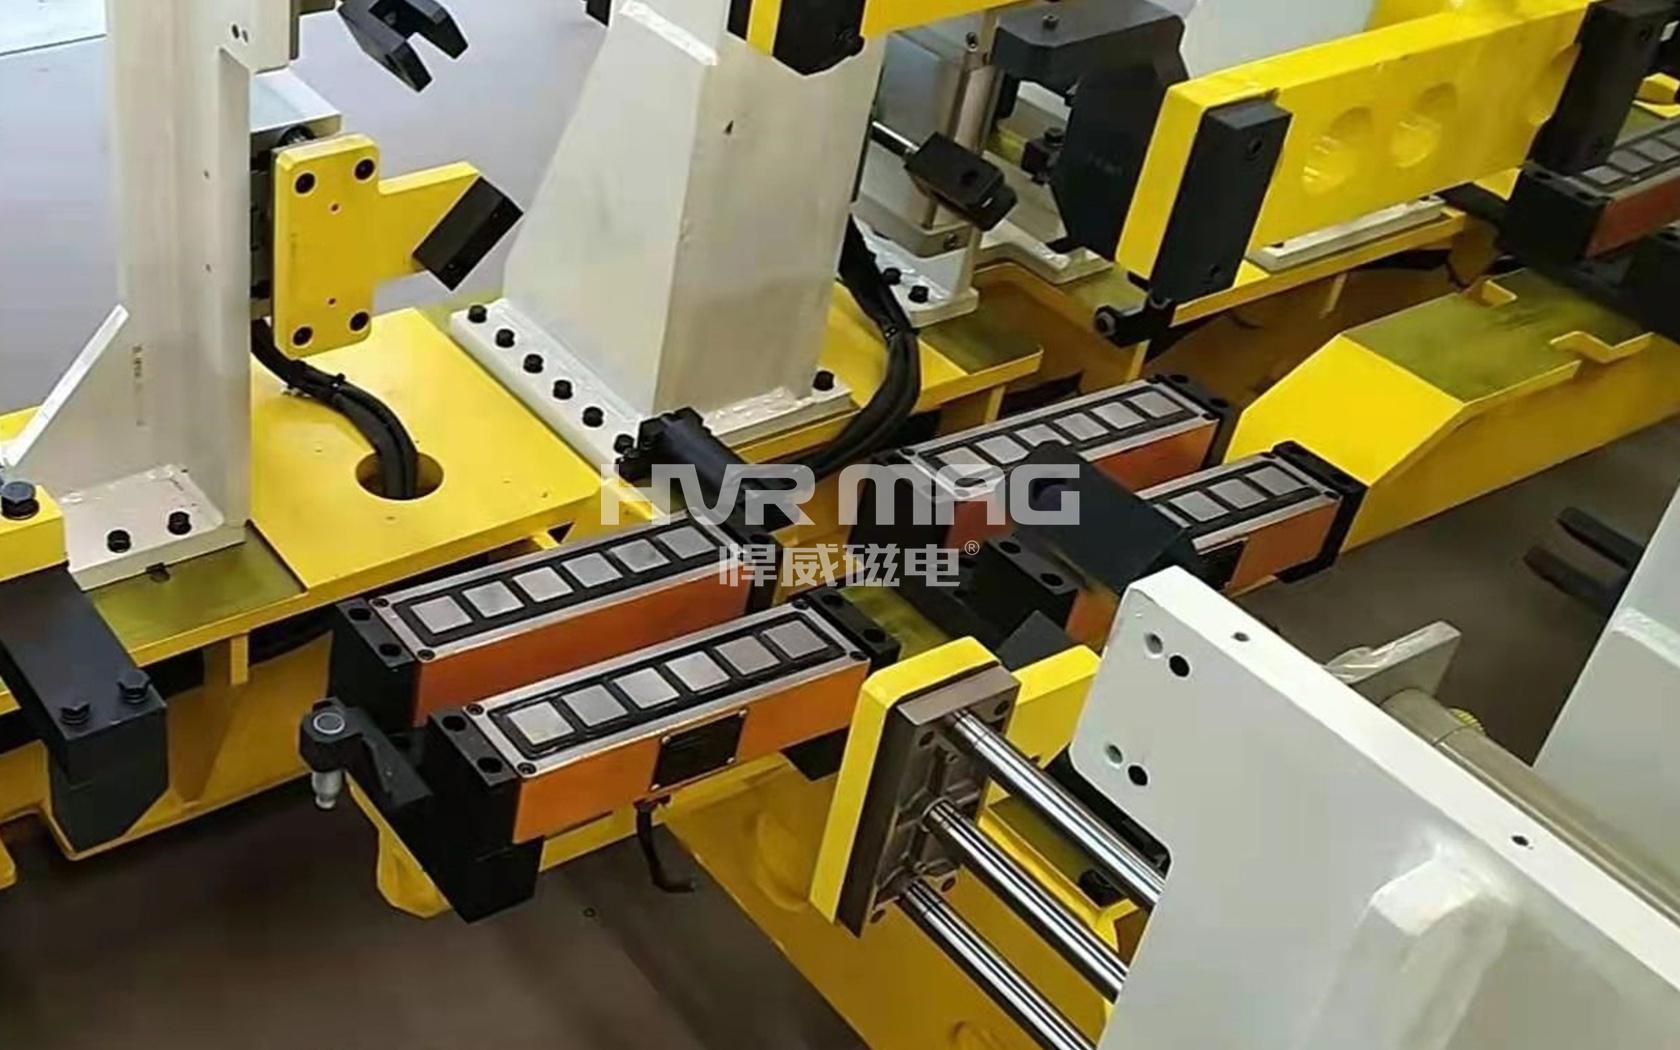 磁力焊接夹具在汽车焊接固定工装中的应用